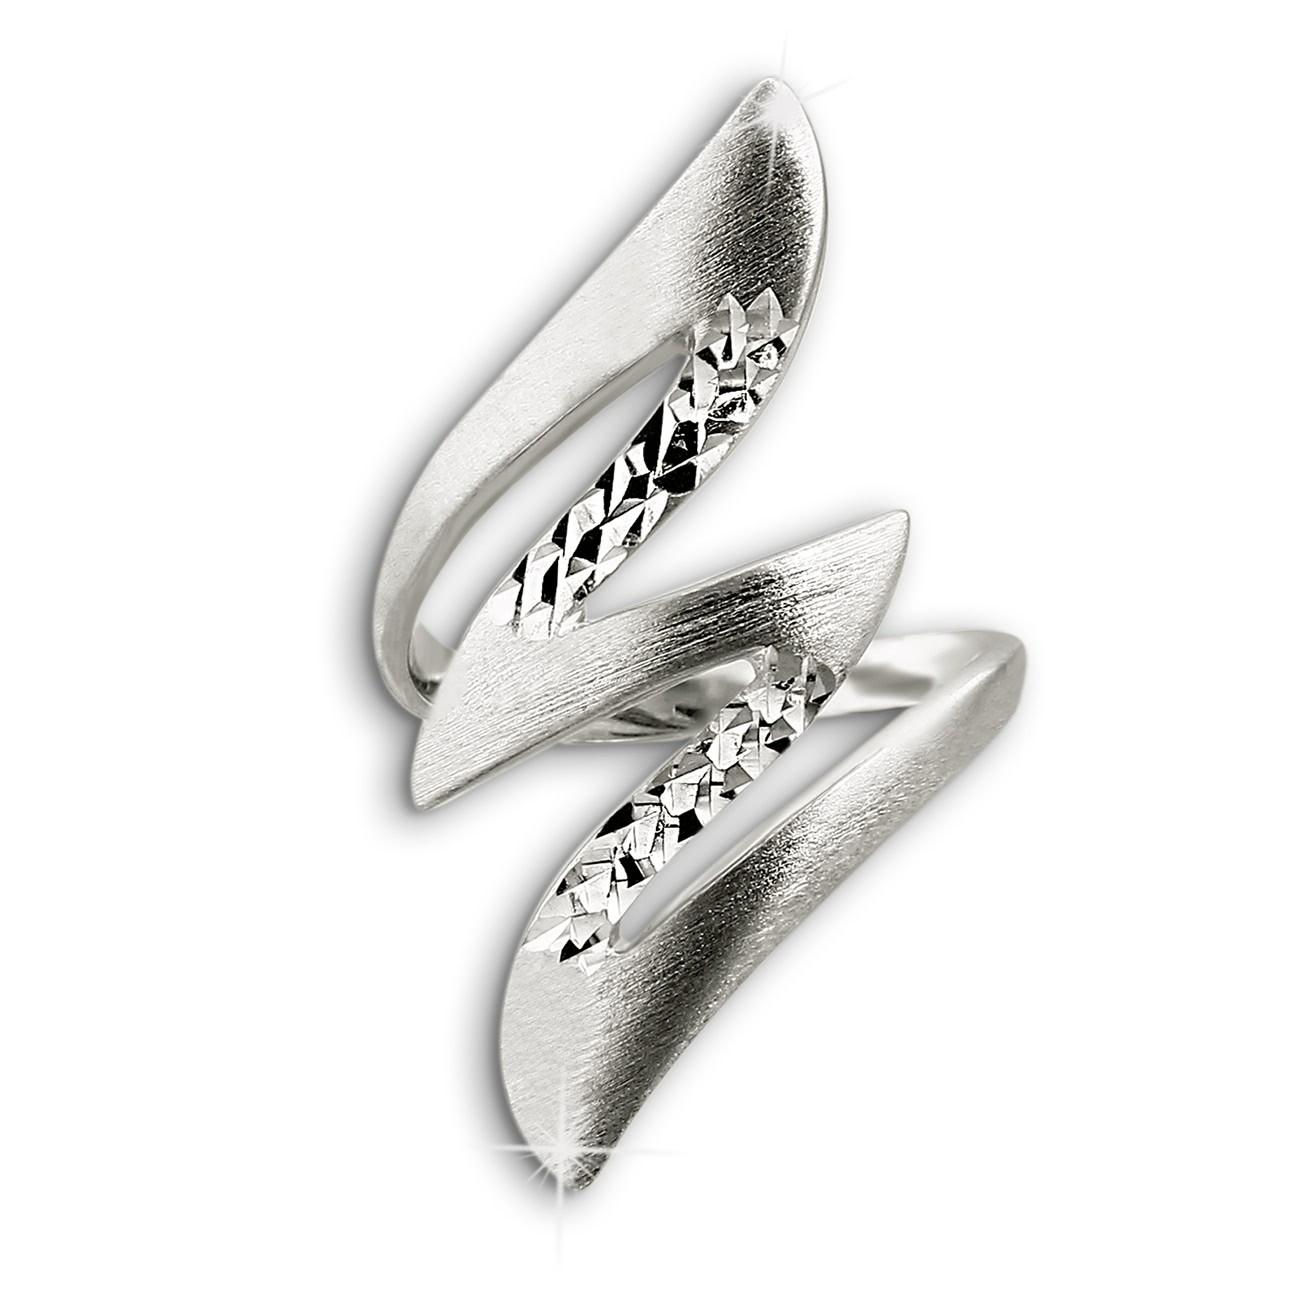 SilberDream Ring Blitz Gr.54 Sterling 925er Silber SDR405J54